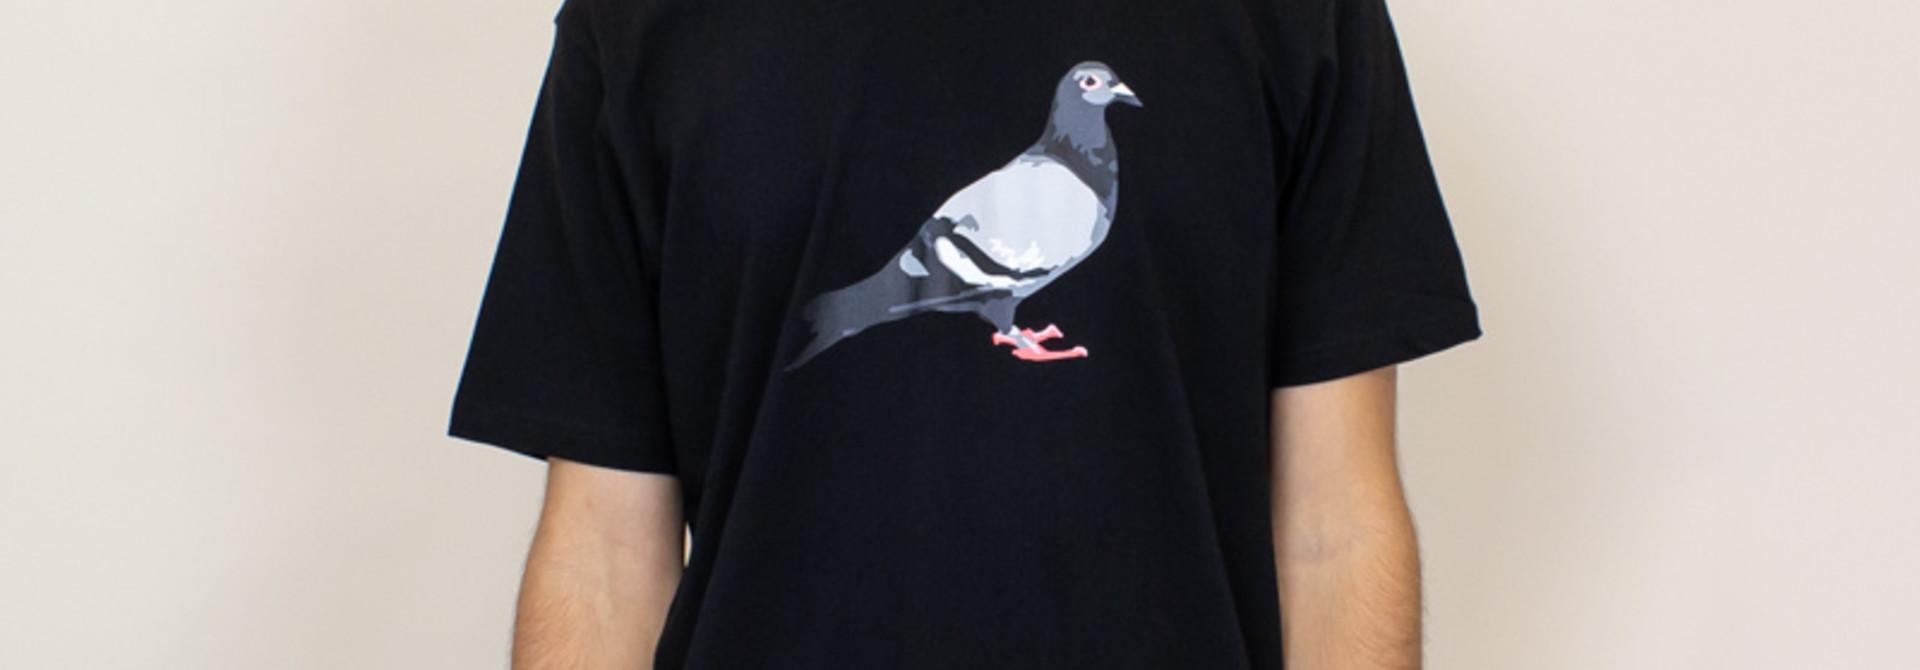 Staple Pigeon Logo Tee - Black